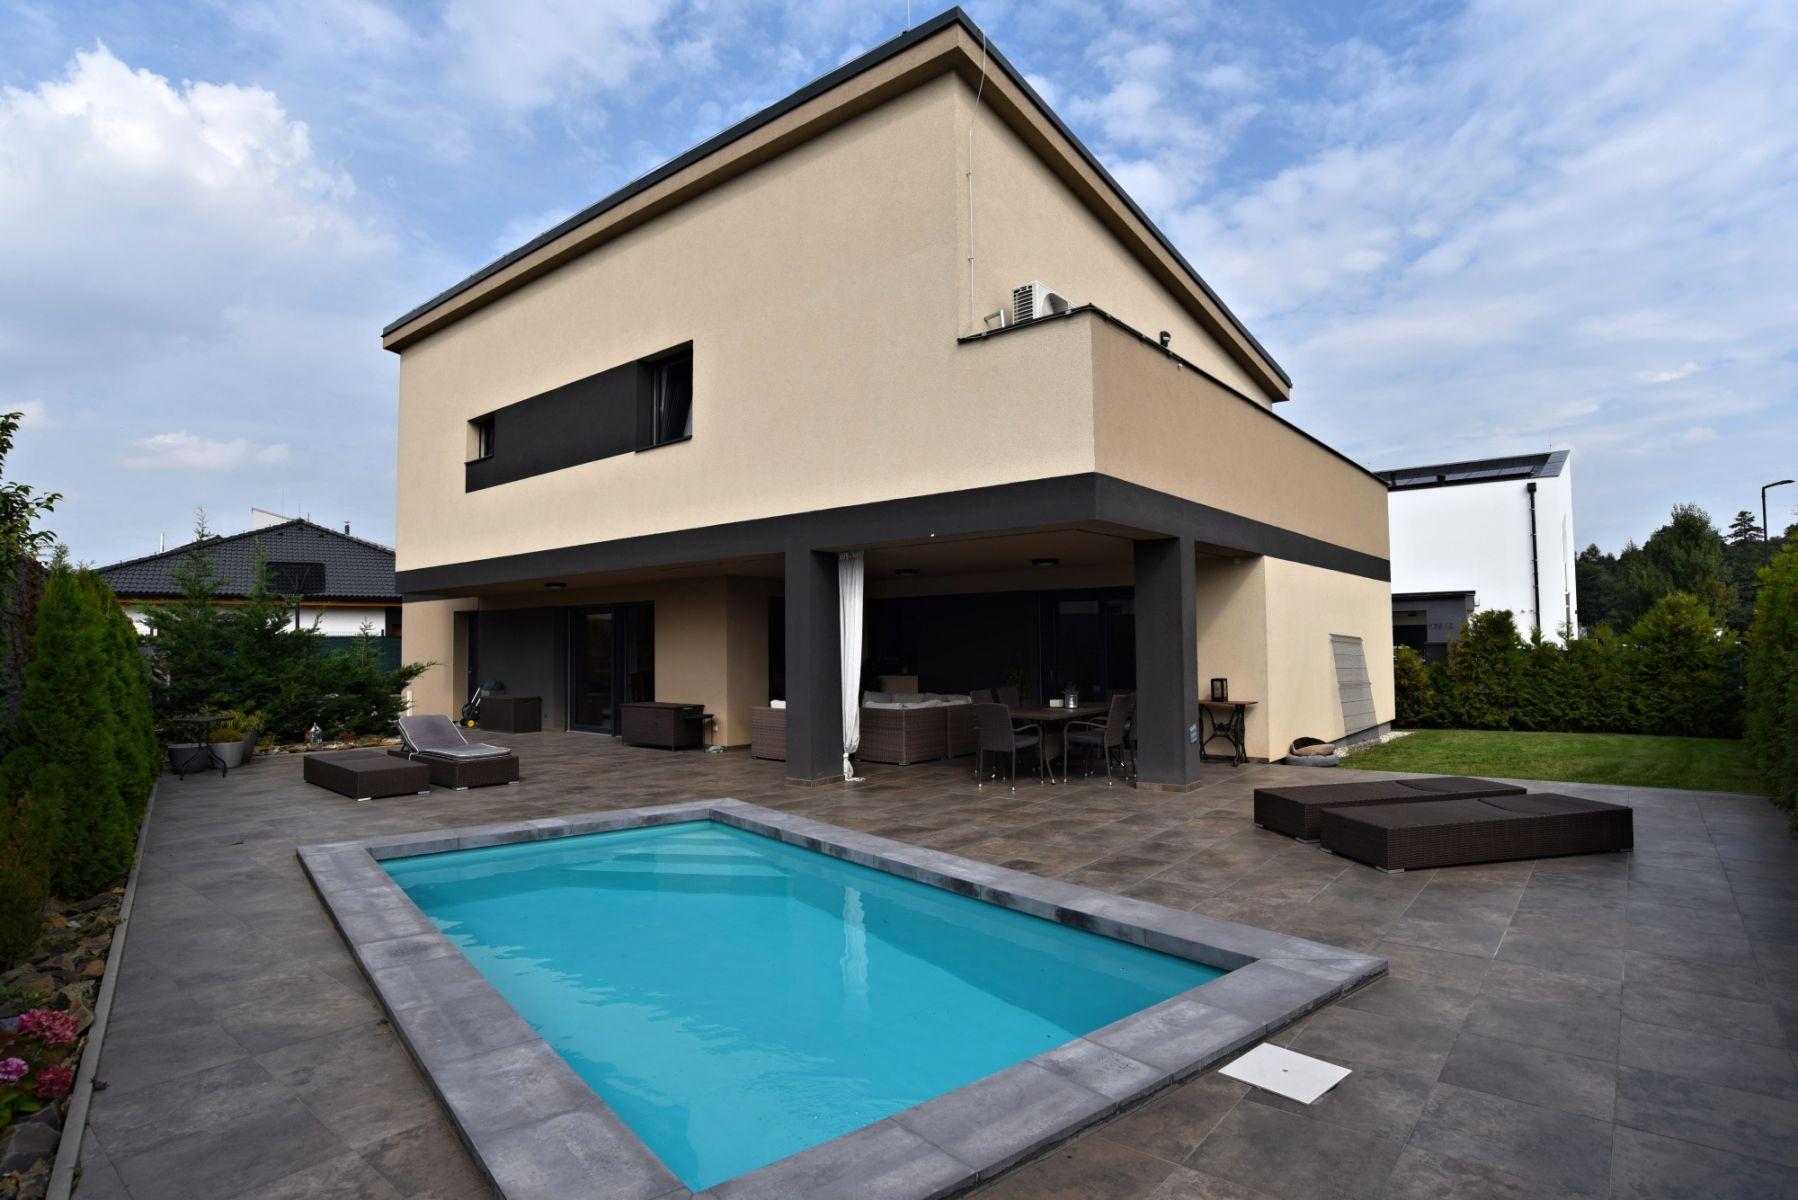 Exkluzivně nabízíme k pronájmu luxusní novostavbu RD 5kk s garáží, terasou a bazénem Praha Újezd u P